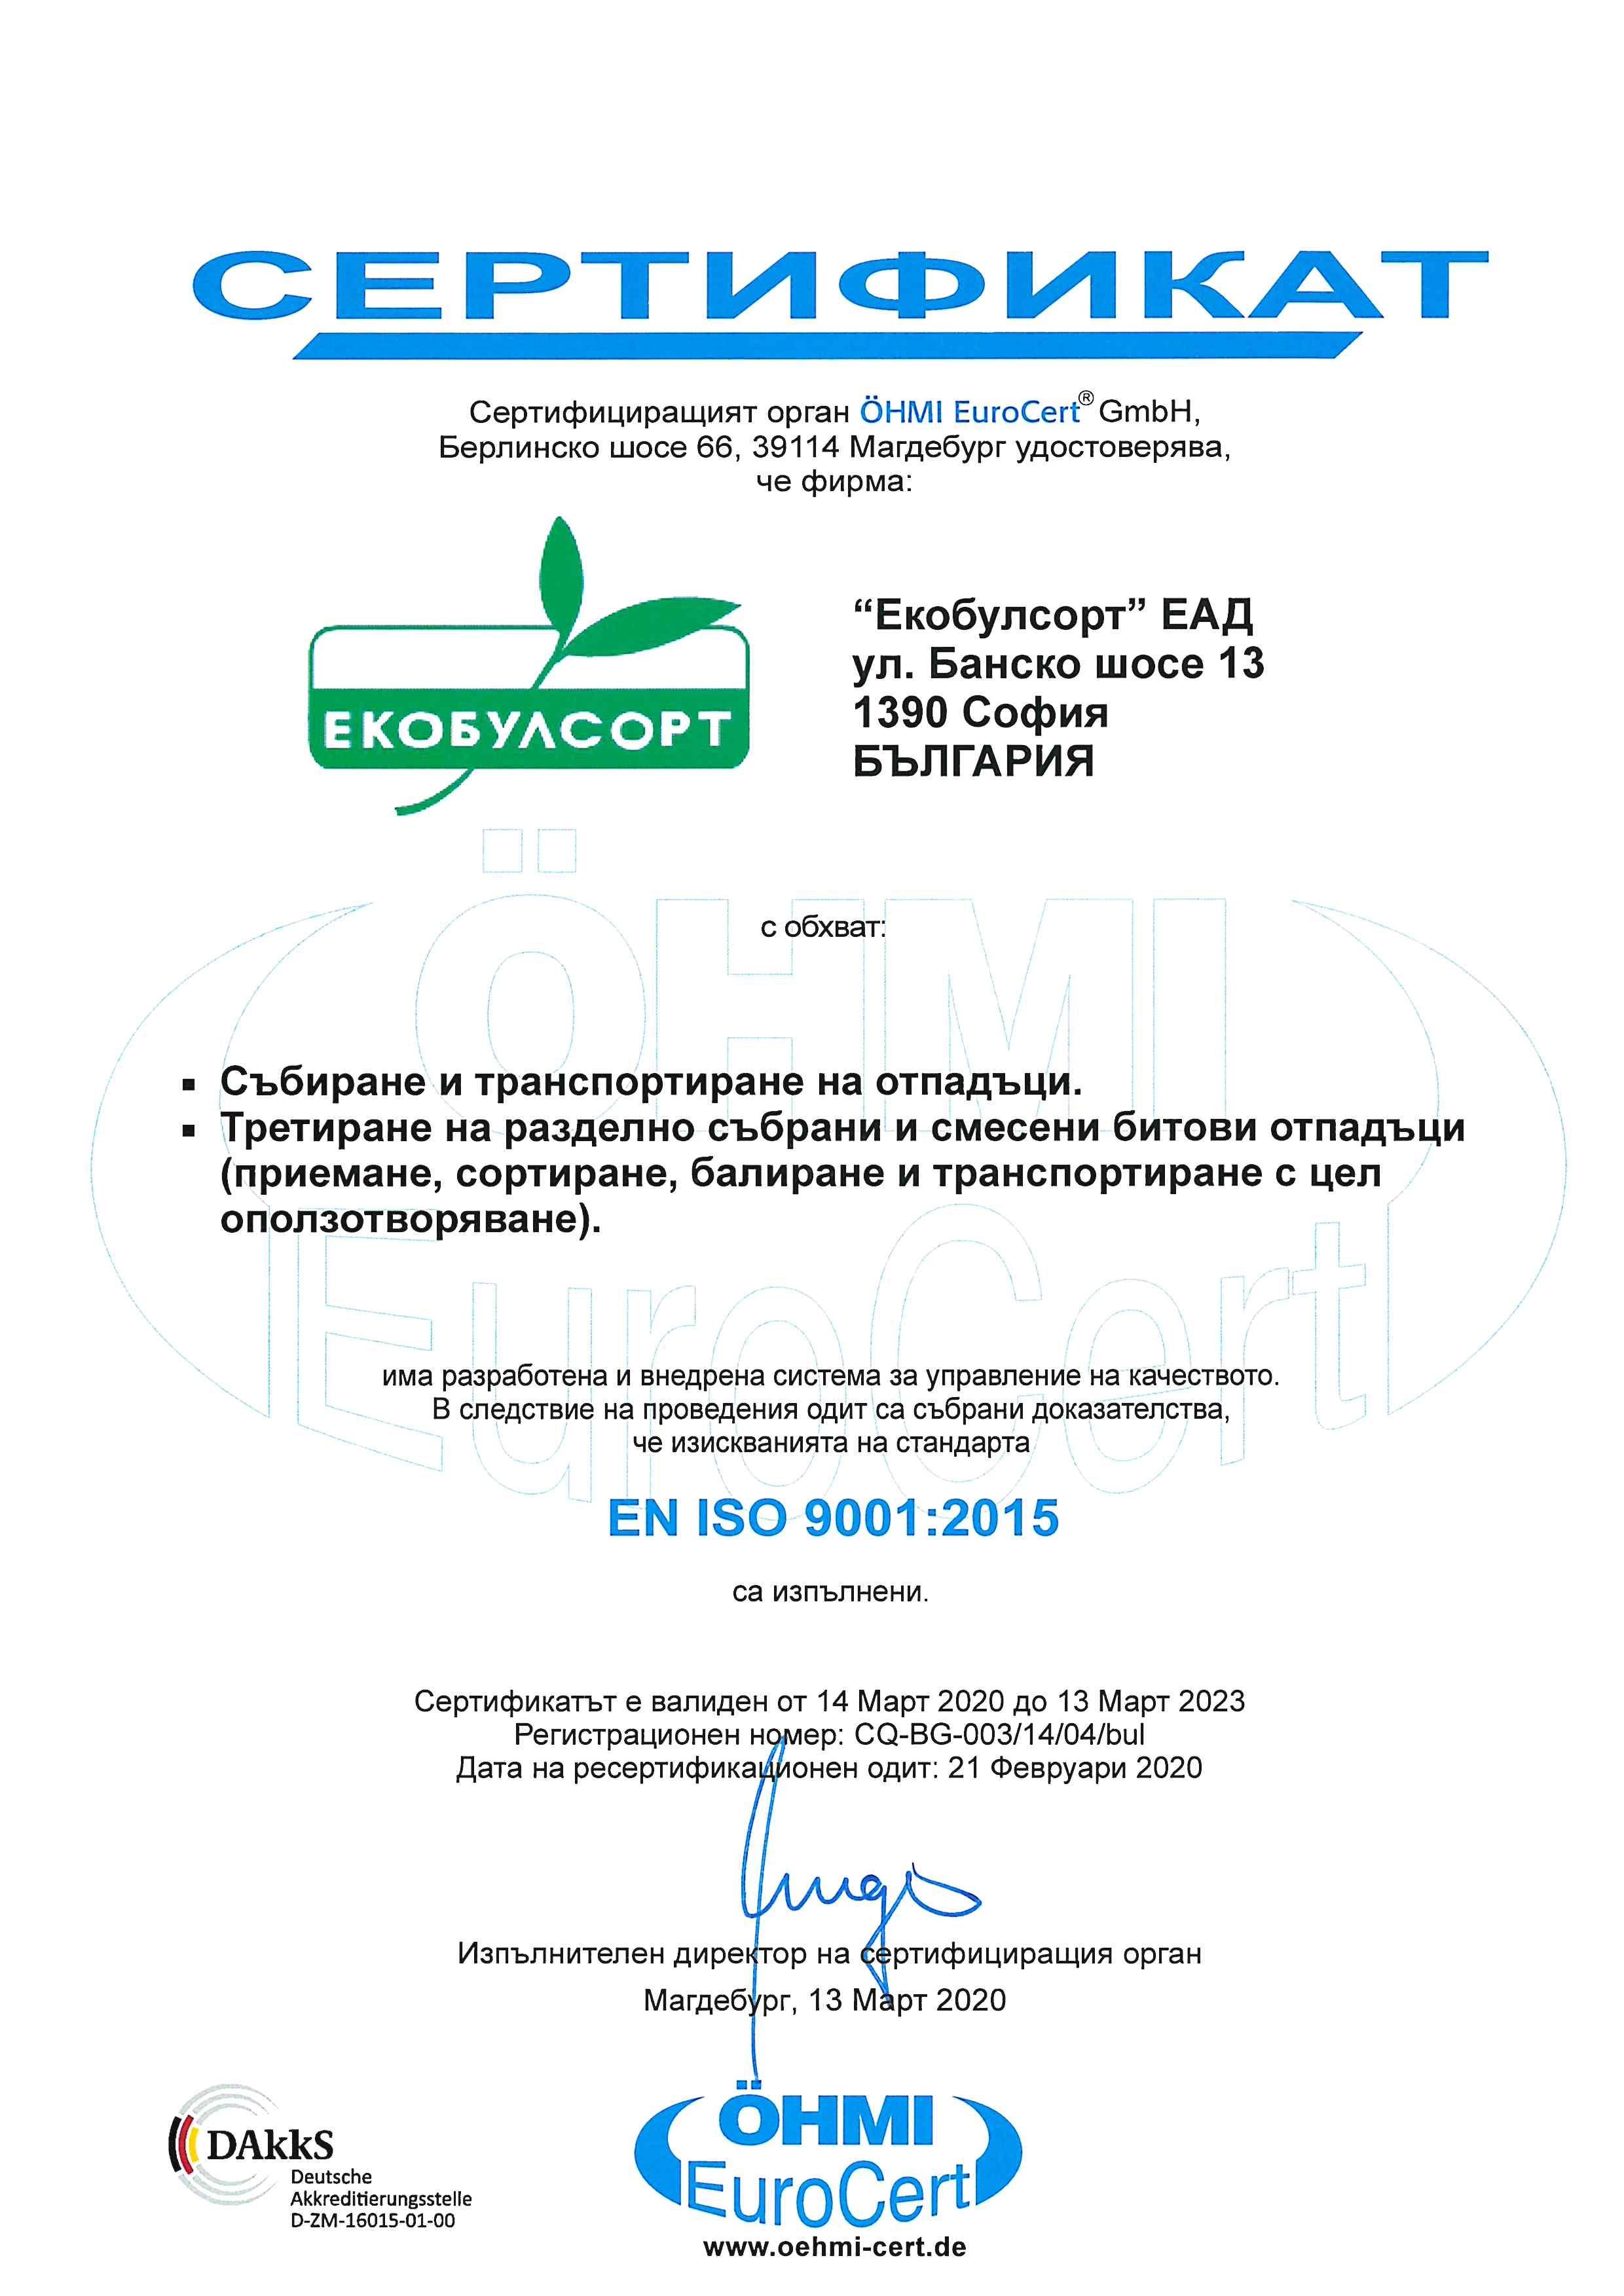 Ecobulsort_QM_003-14_04_bul1